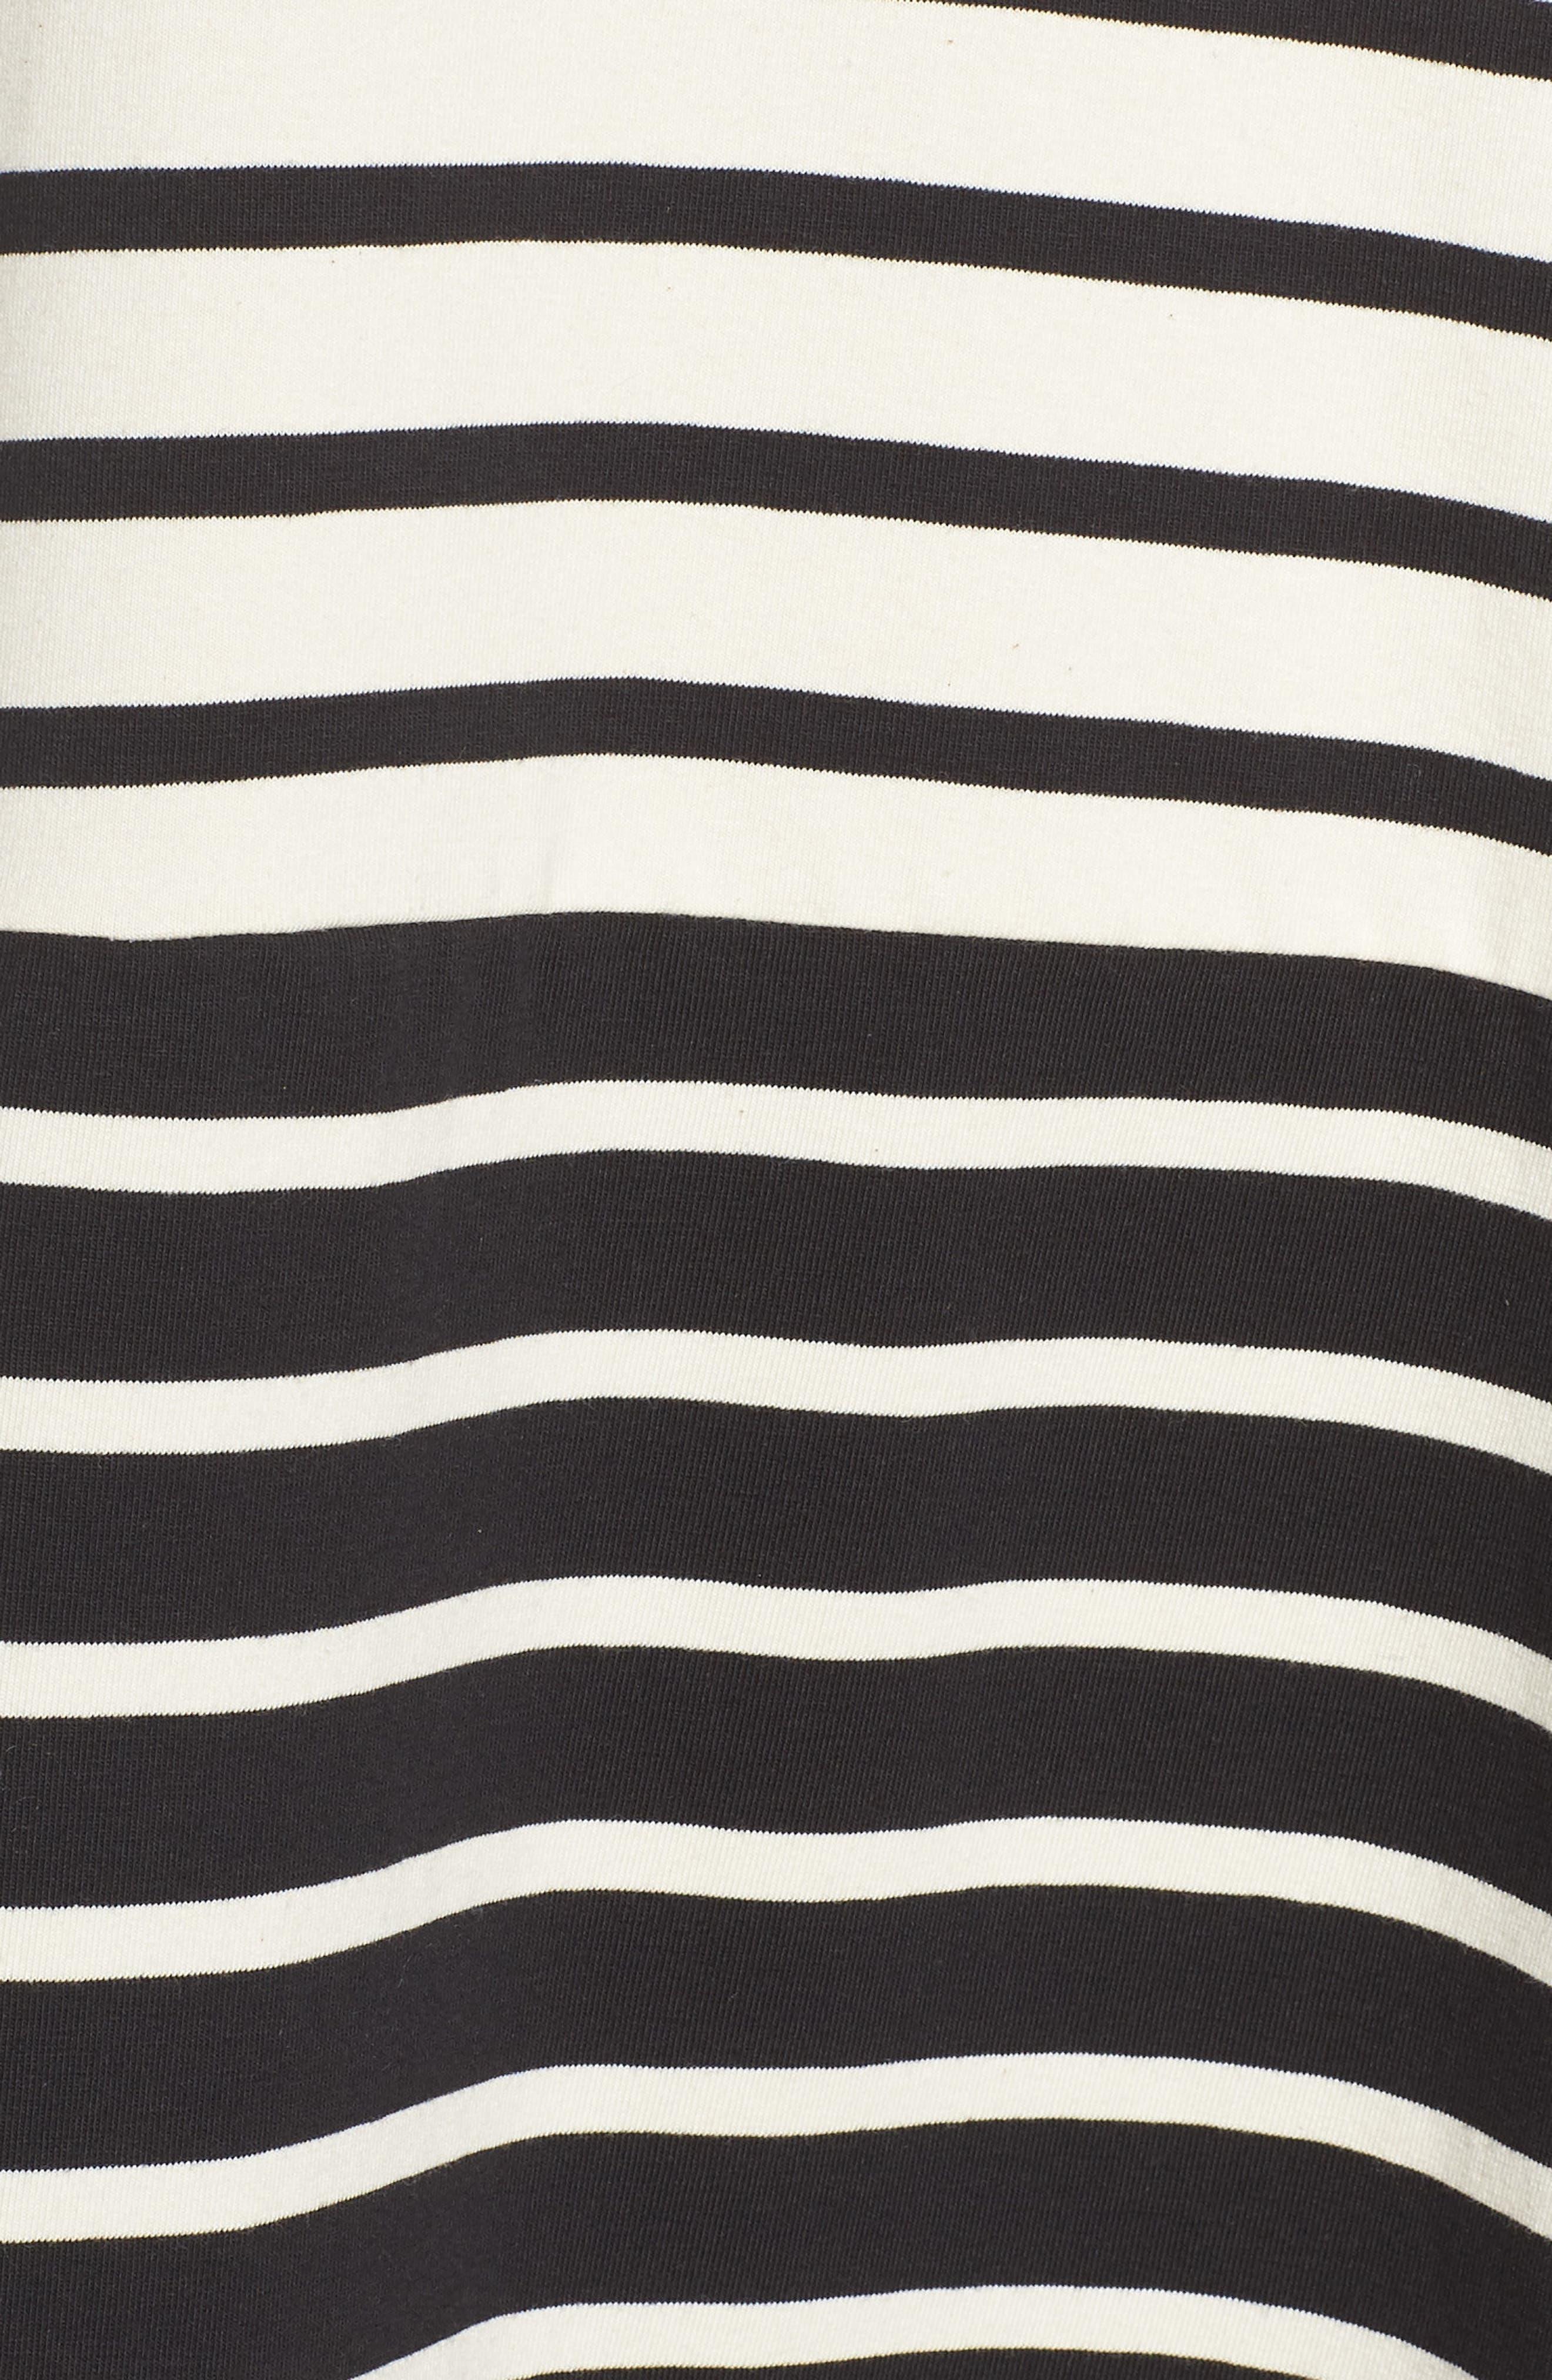 Tim Tim Stripe Shift Dress,                             Alternate thumbnail 6, color,                             CLASSIC CREAM/ BLACK